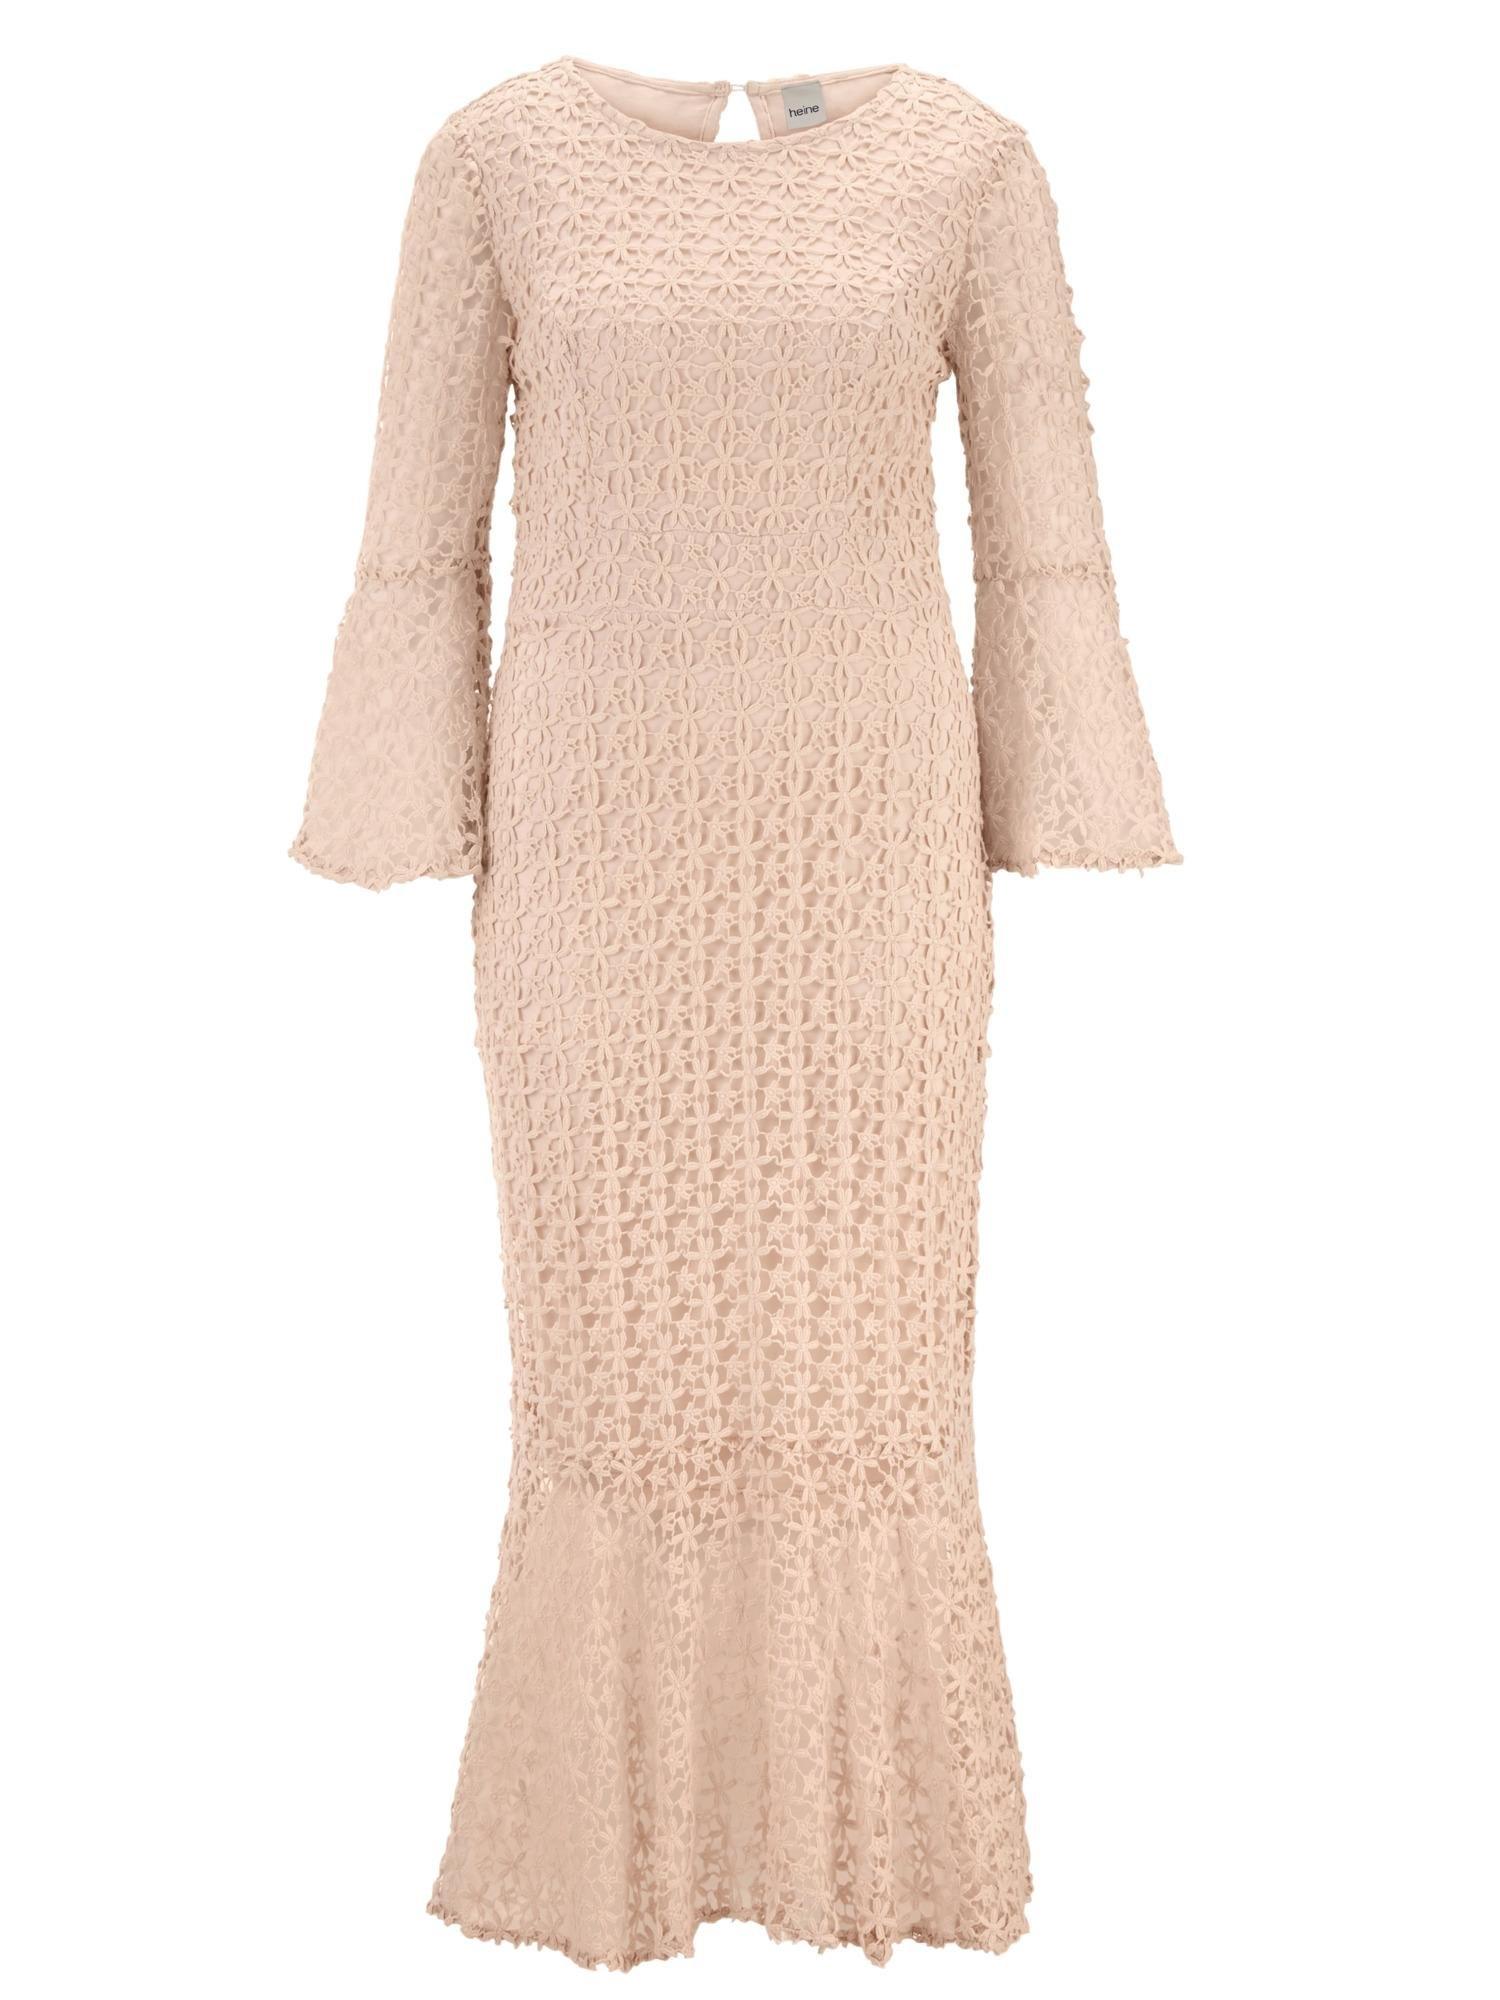 heine Kanten jurk - verschillende betaalmethodes